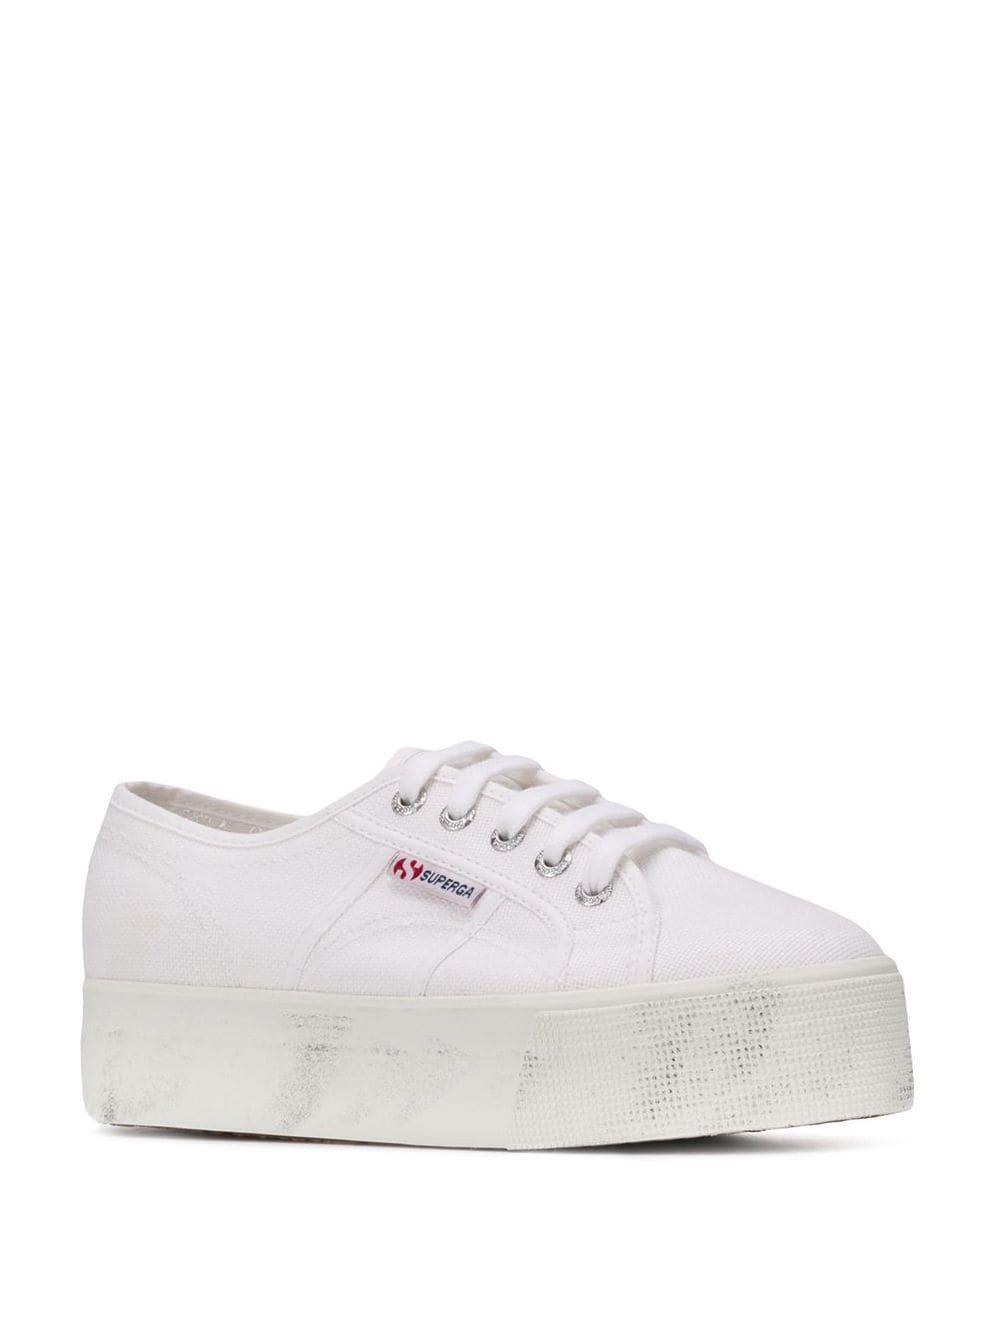 Zapatillas 2790 con suela de plataforma Superga de Algodón de color Blanco